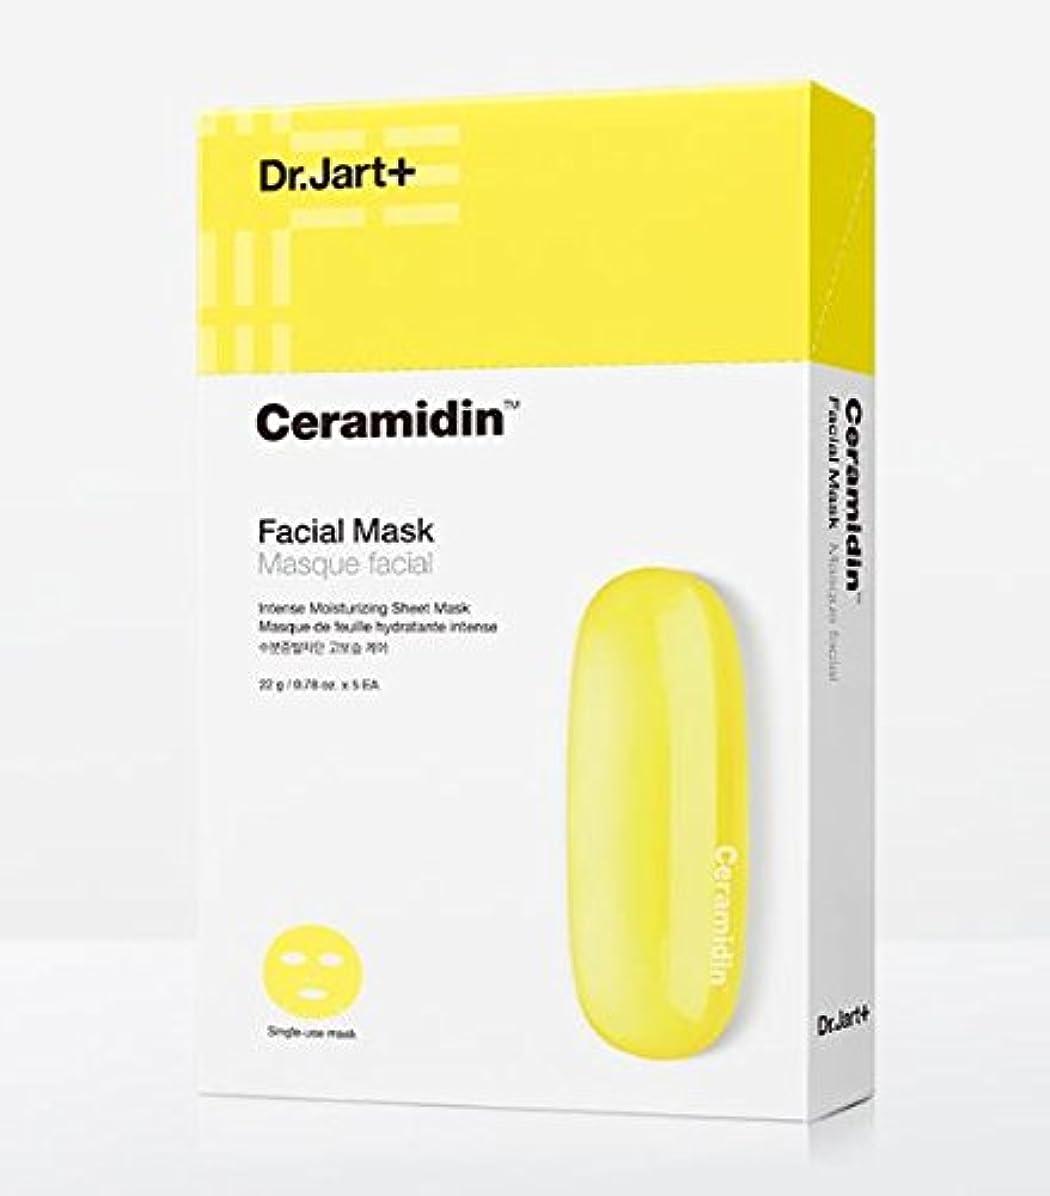 チャレンジ侵入選択する[韓国コスメ Dr.Jart+] Ceramidin Mask ドクタージャルト セラマイディンマスク(10枚) [並行輸入品]